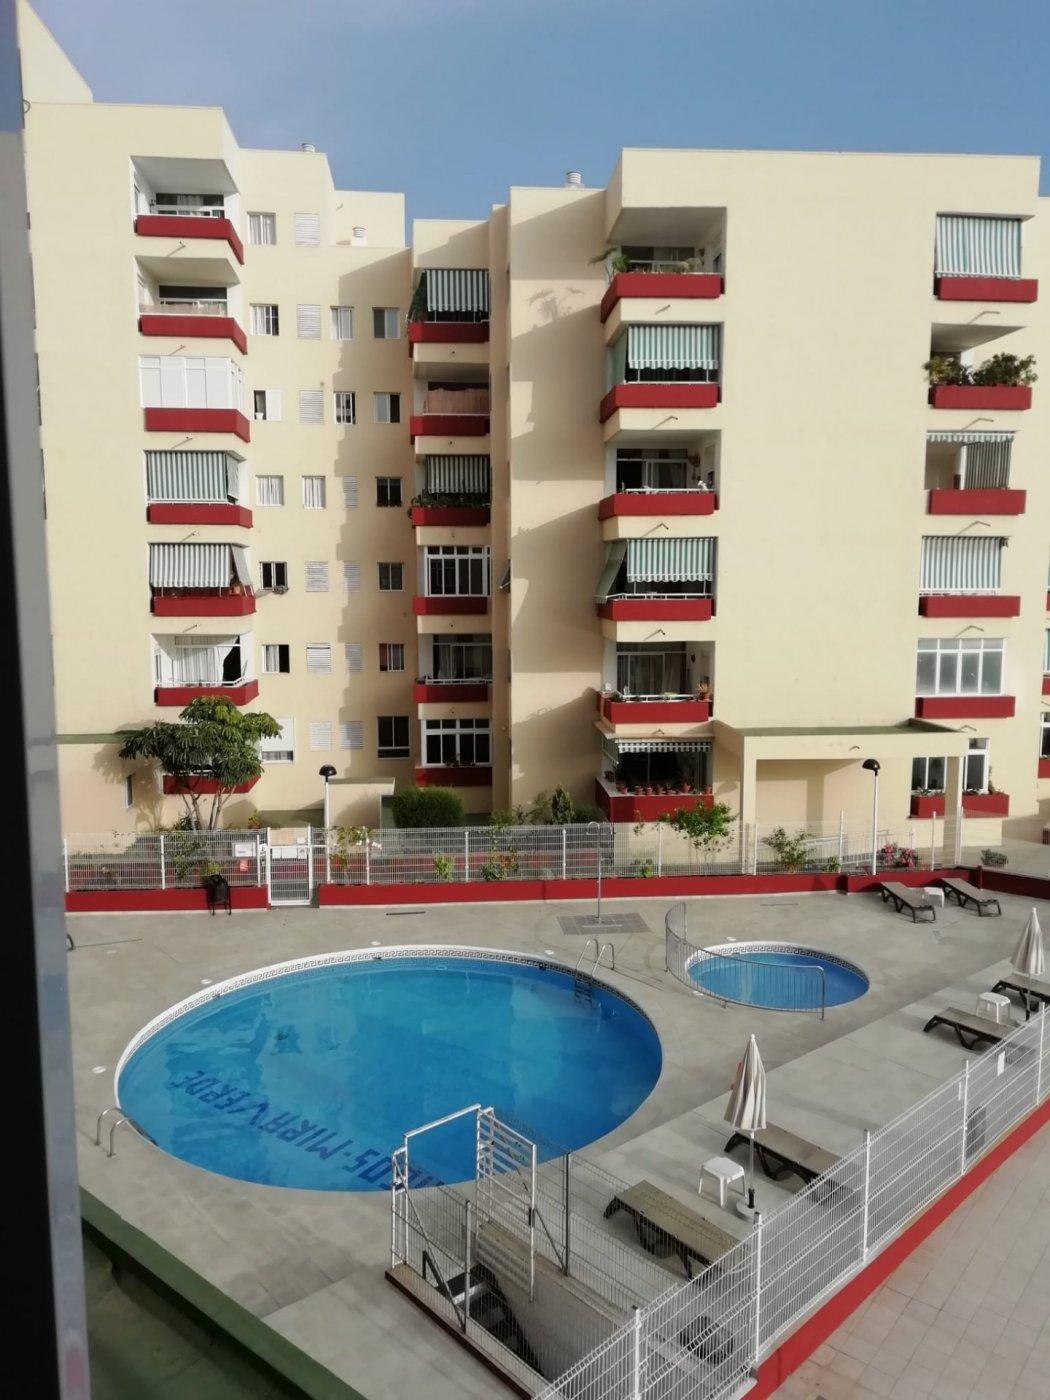 Apartment for rent in Miraverde, Adeje